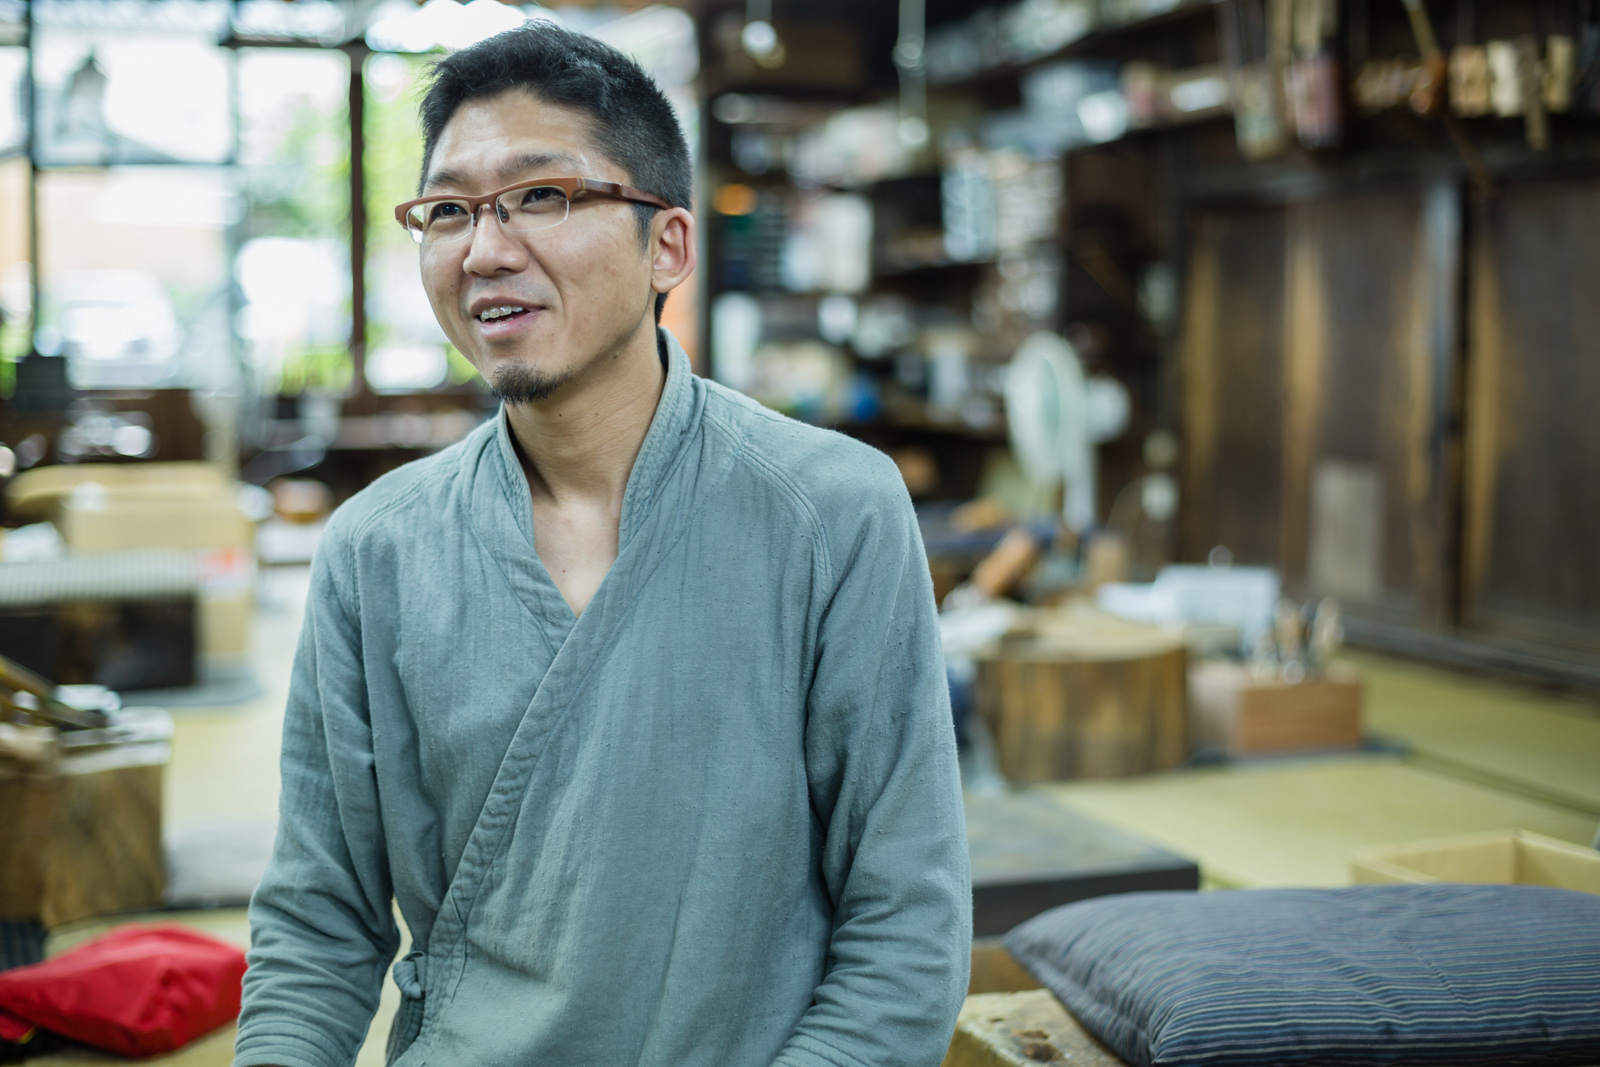 玉川堂番頭で2016年の「工場の祭典」実行委員長を務められた山田立さん。